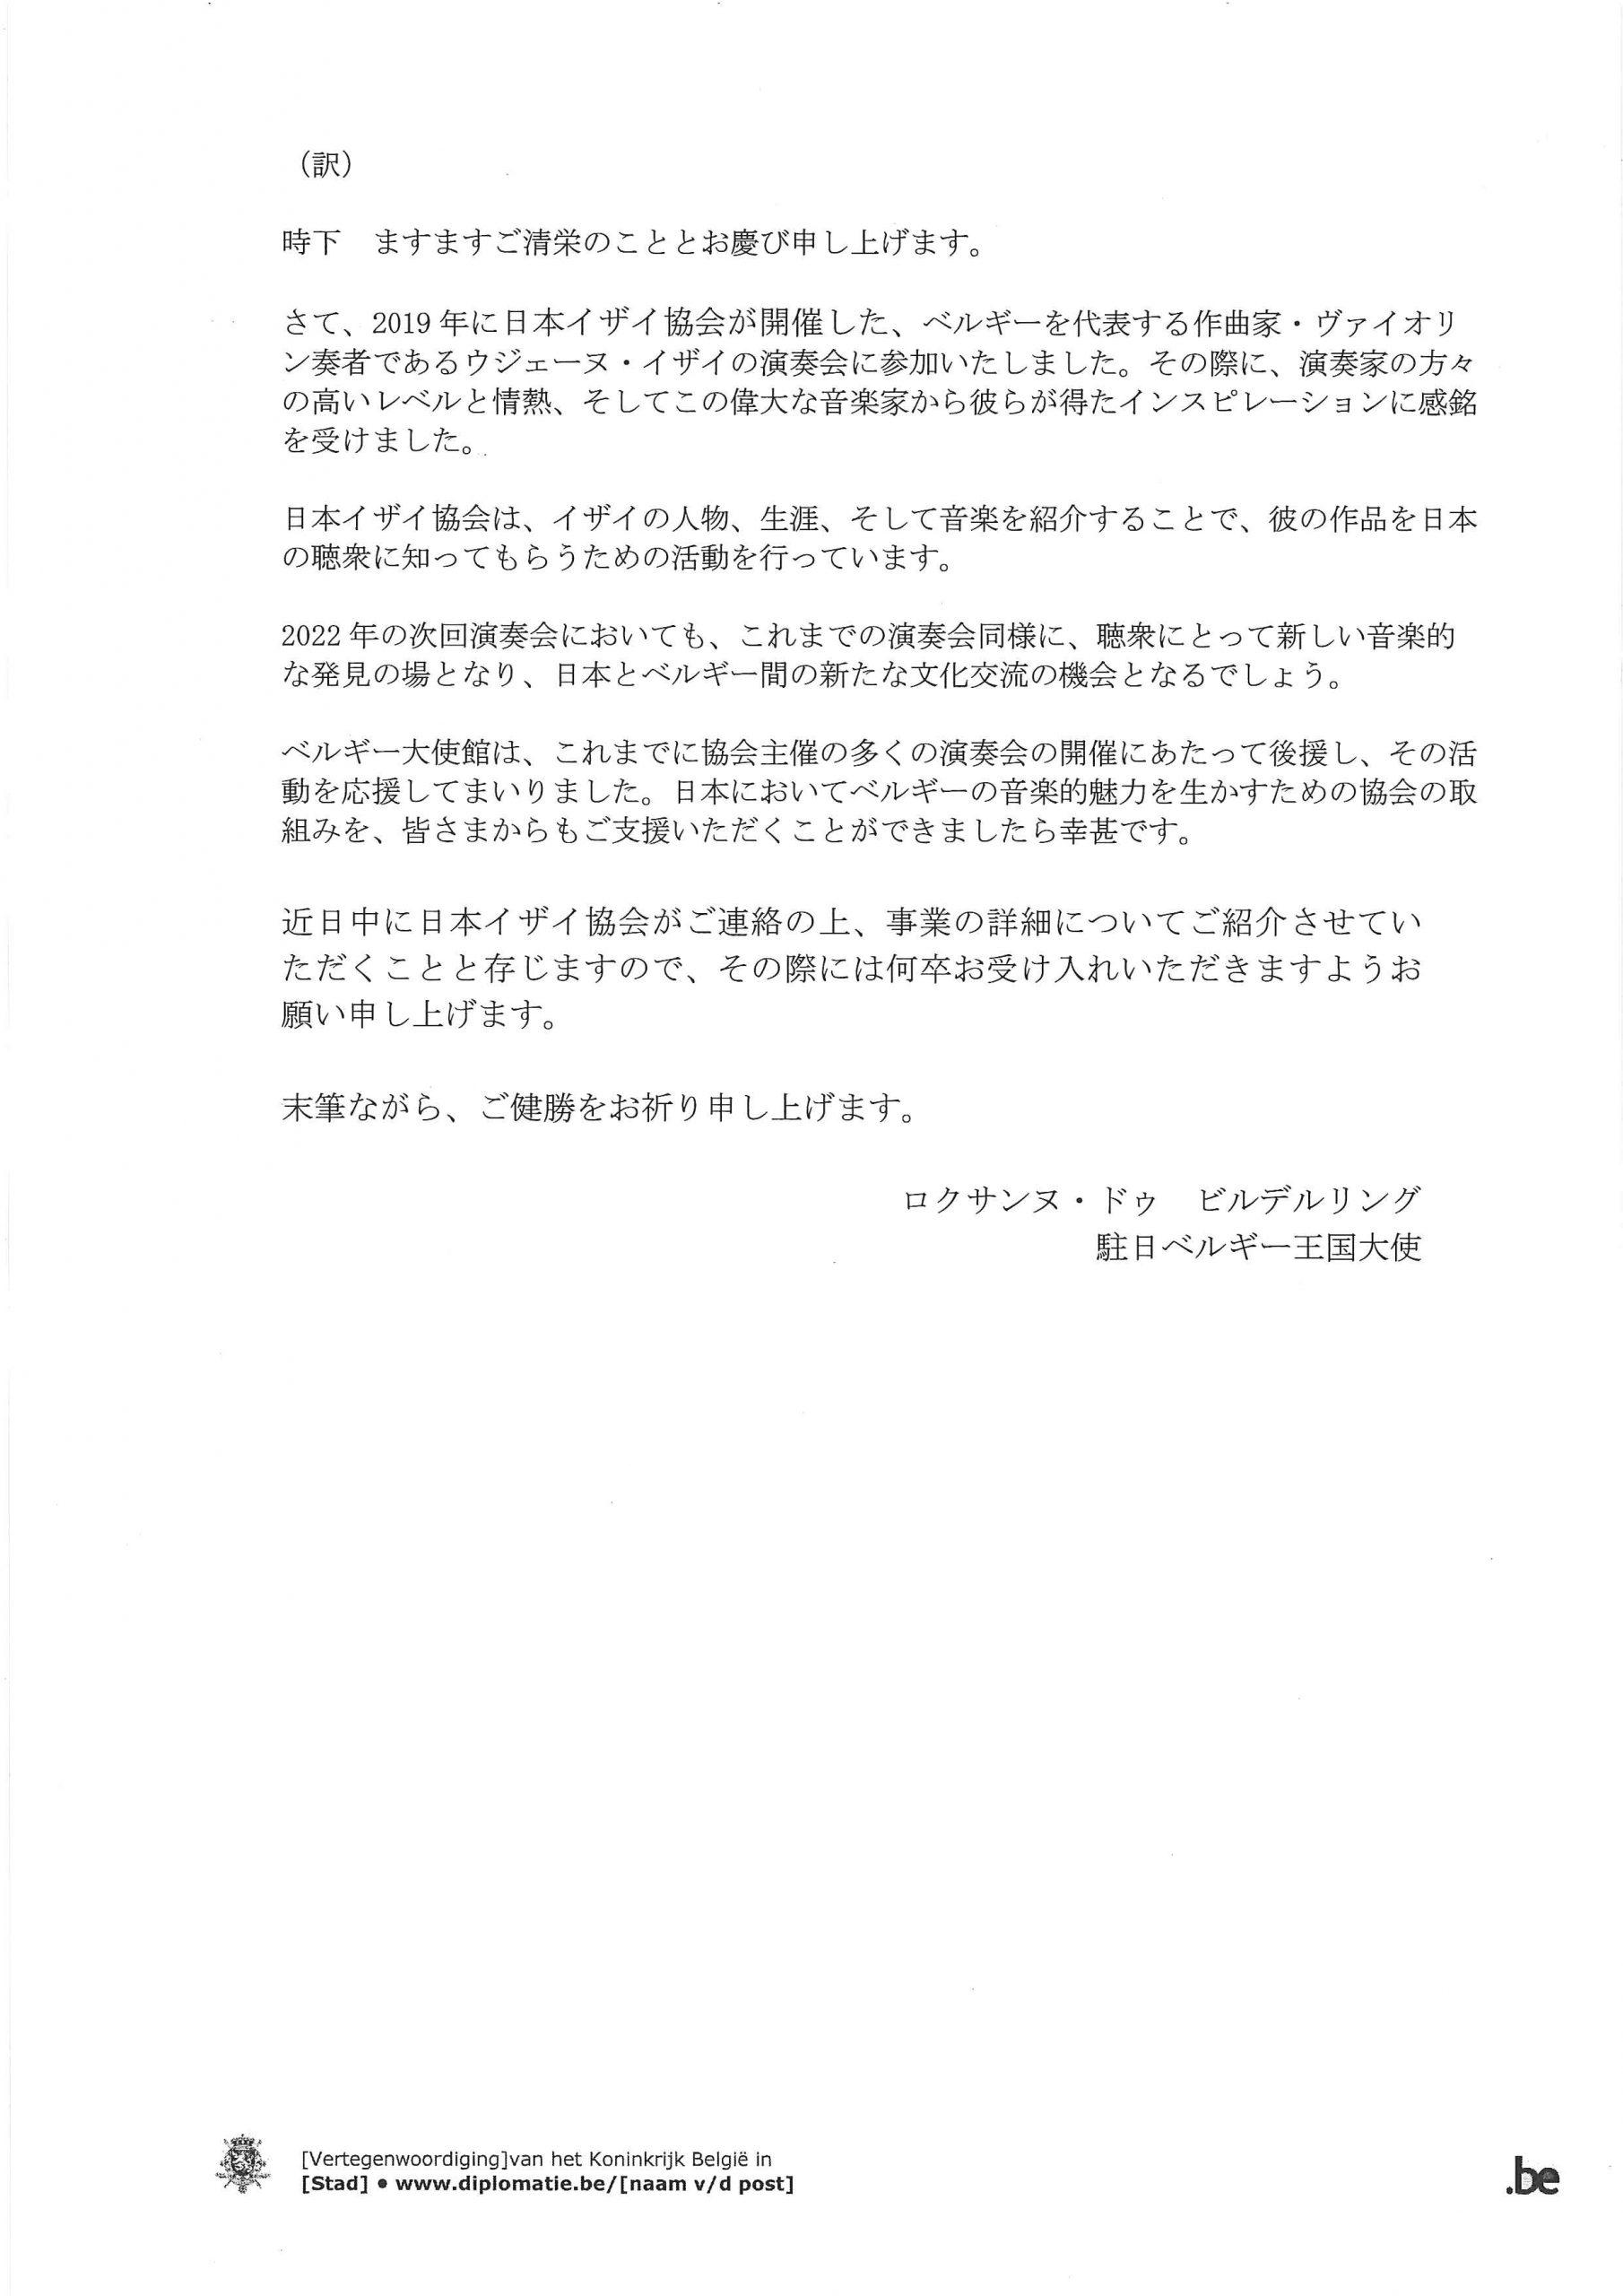 ベルギー大使署名推薦書(欧文+和訳)_ページ_2